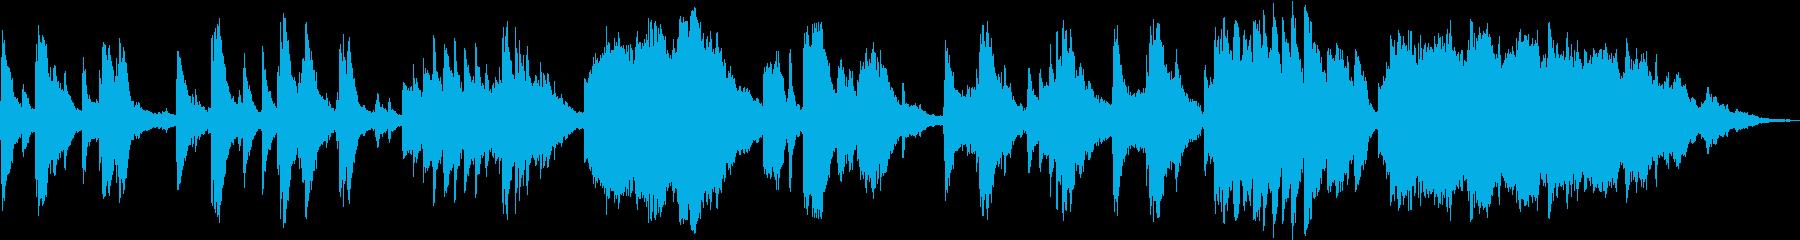 ピアノとストリングスによる涙を誘う葬送曲の再生済みの波形